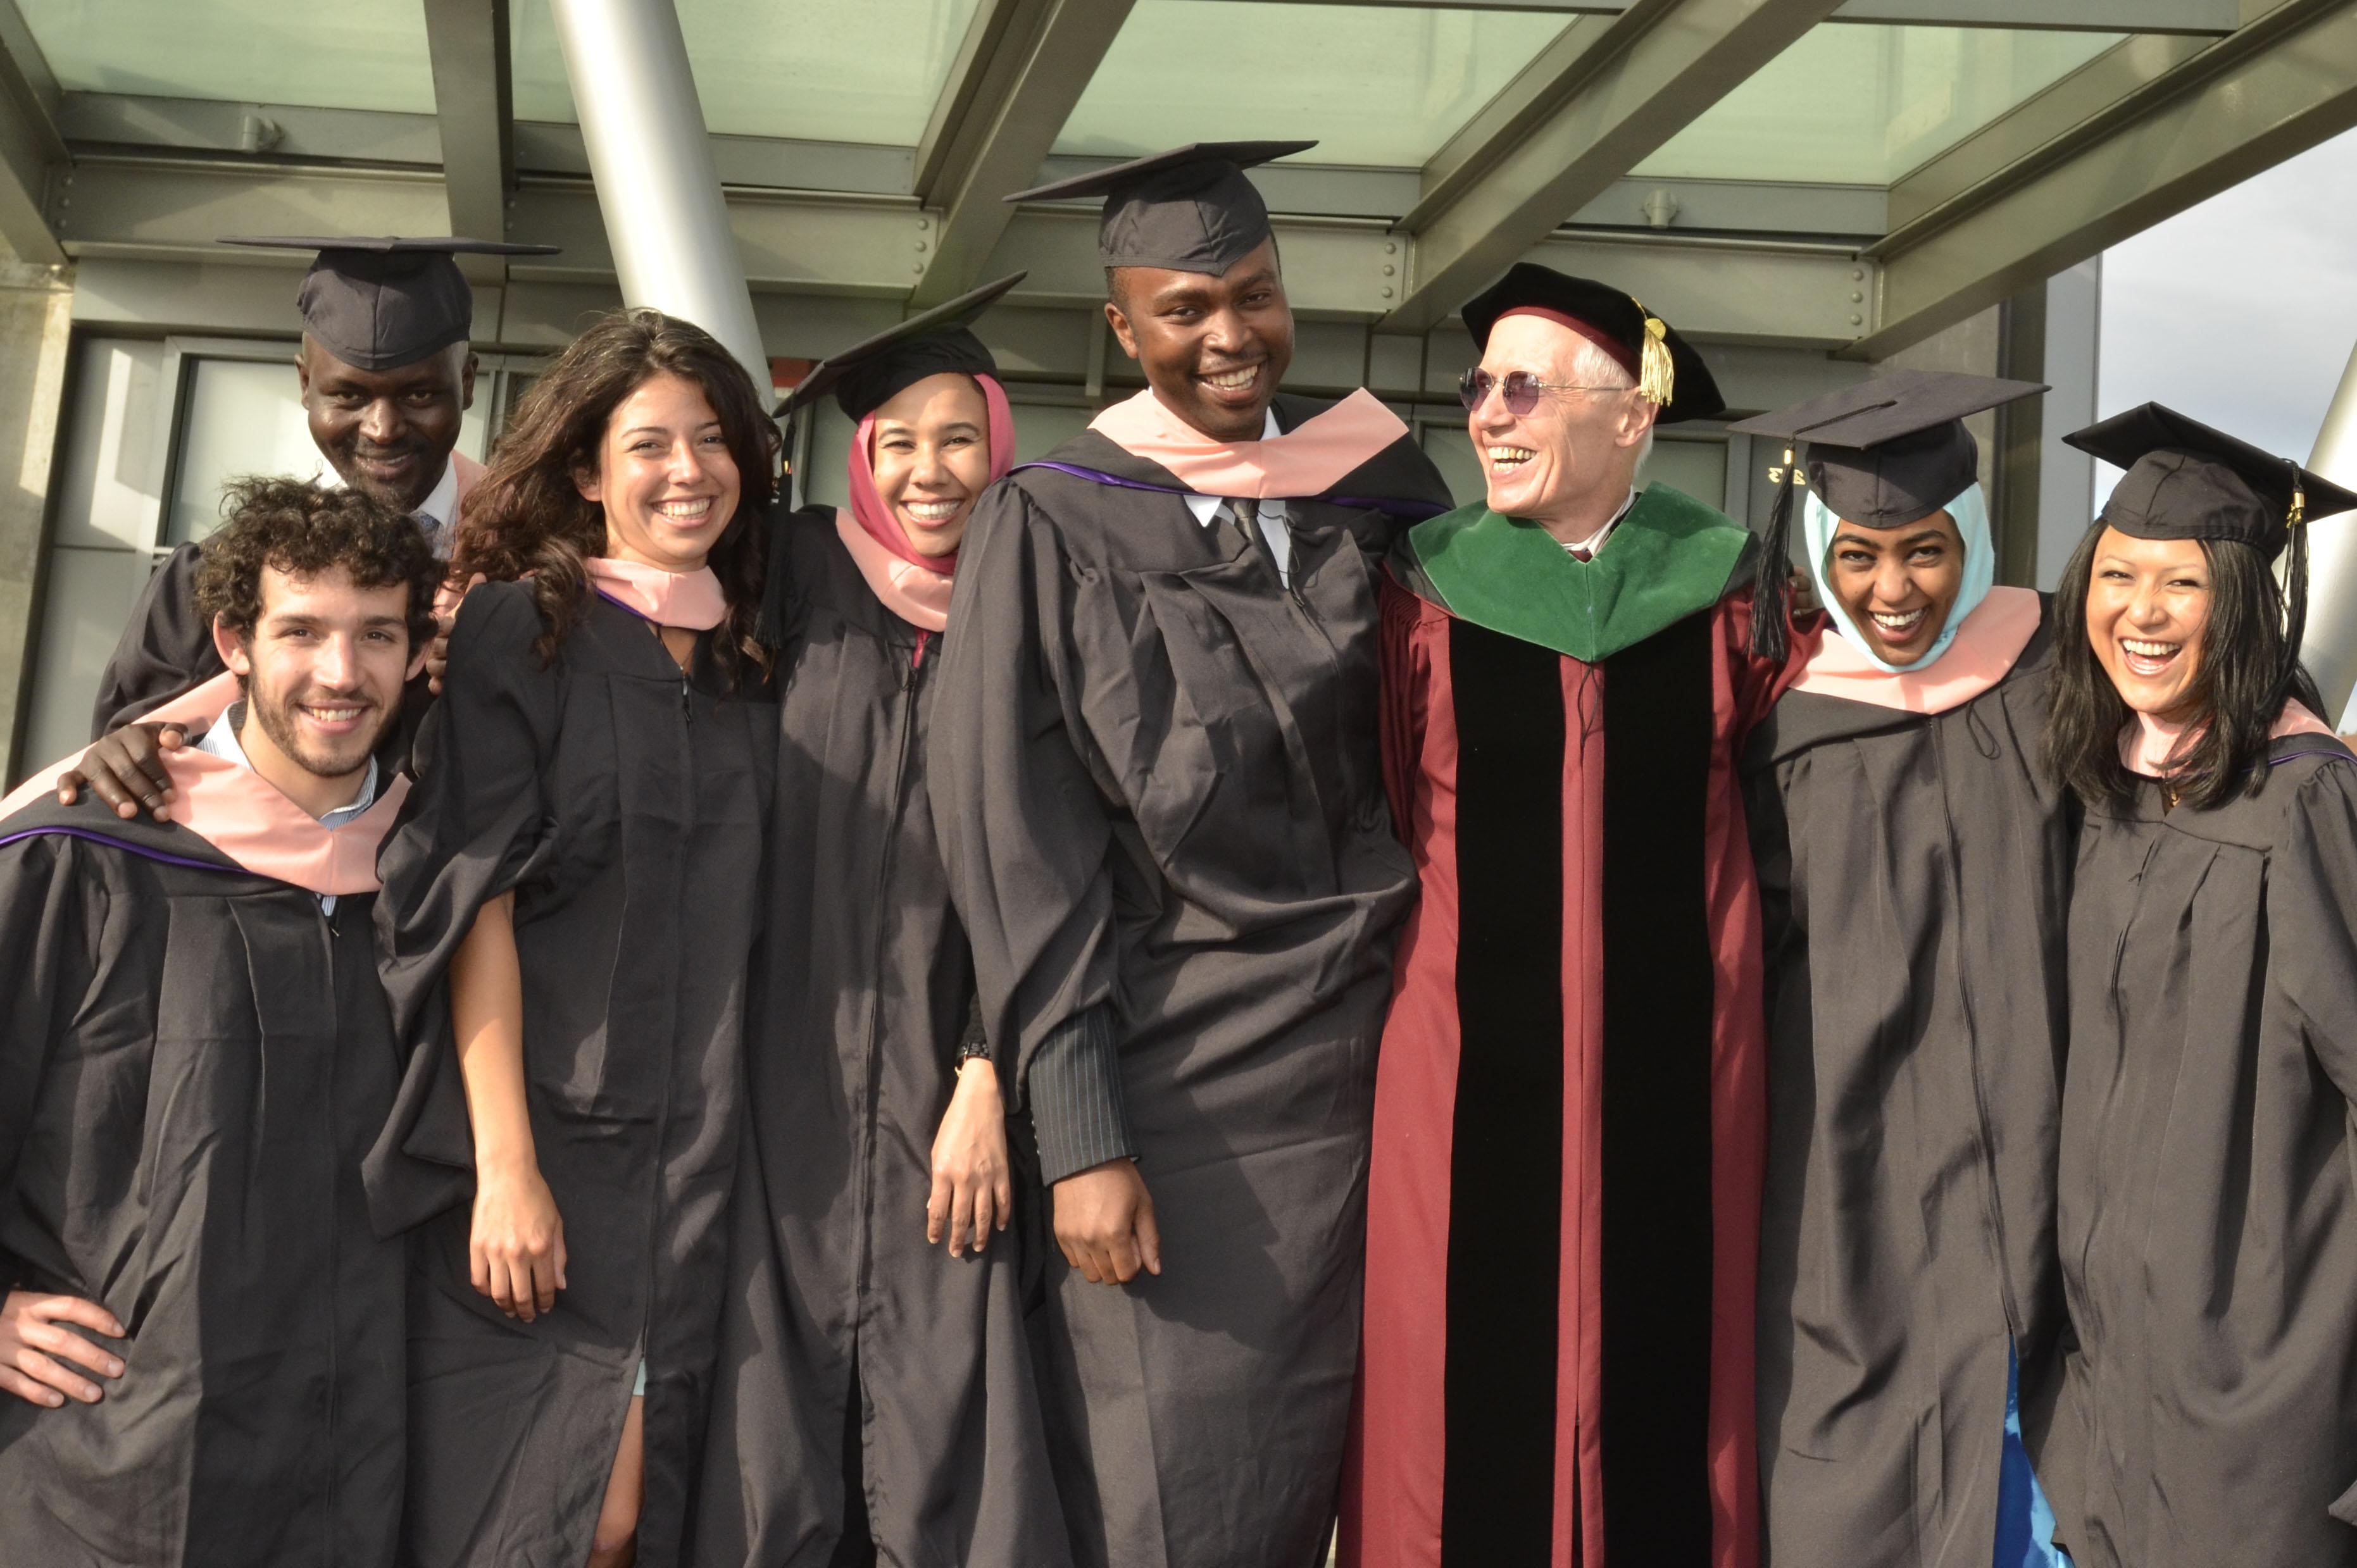 Gloyd  with grads